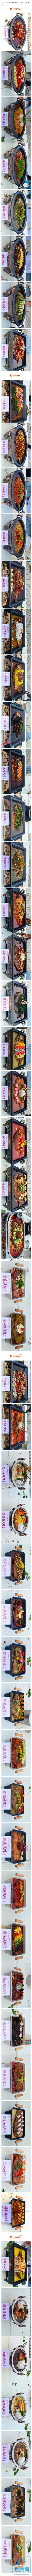 万州烤鱼节